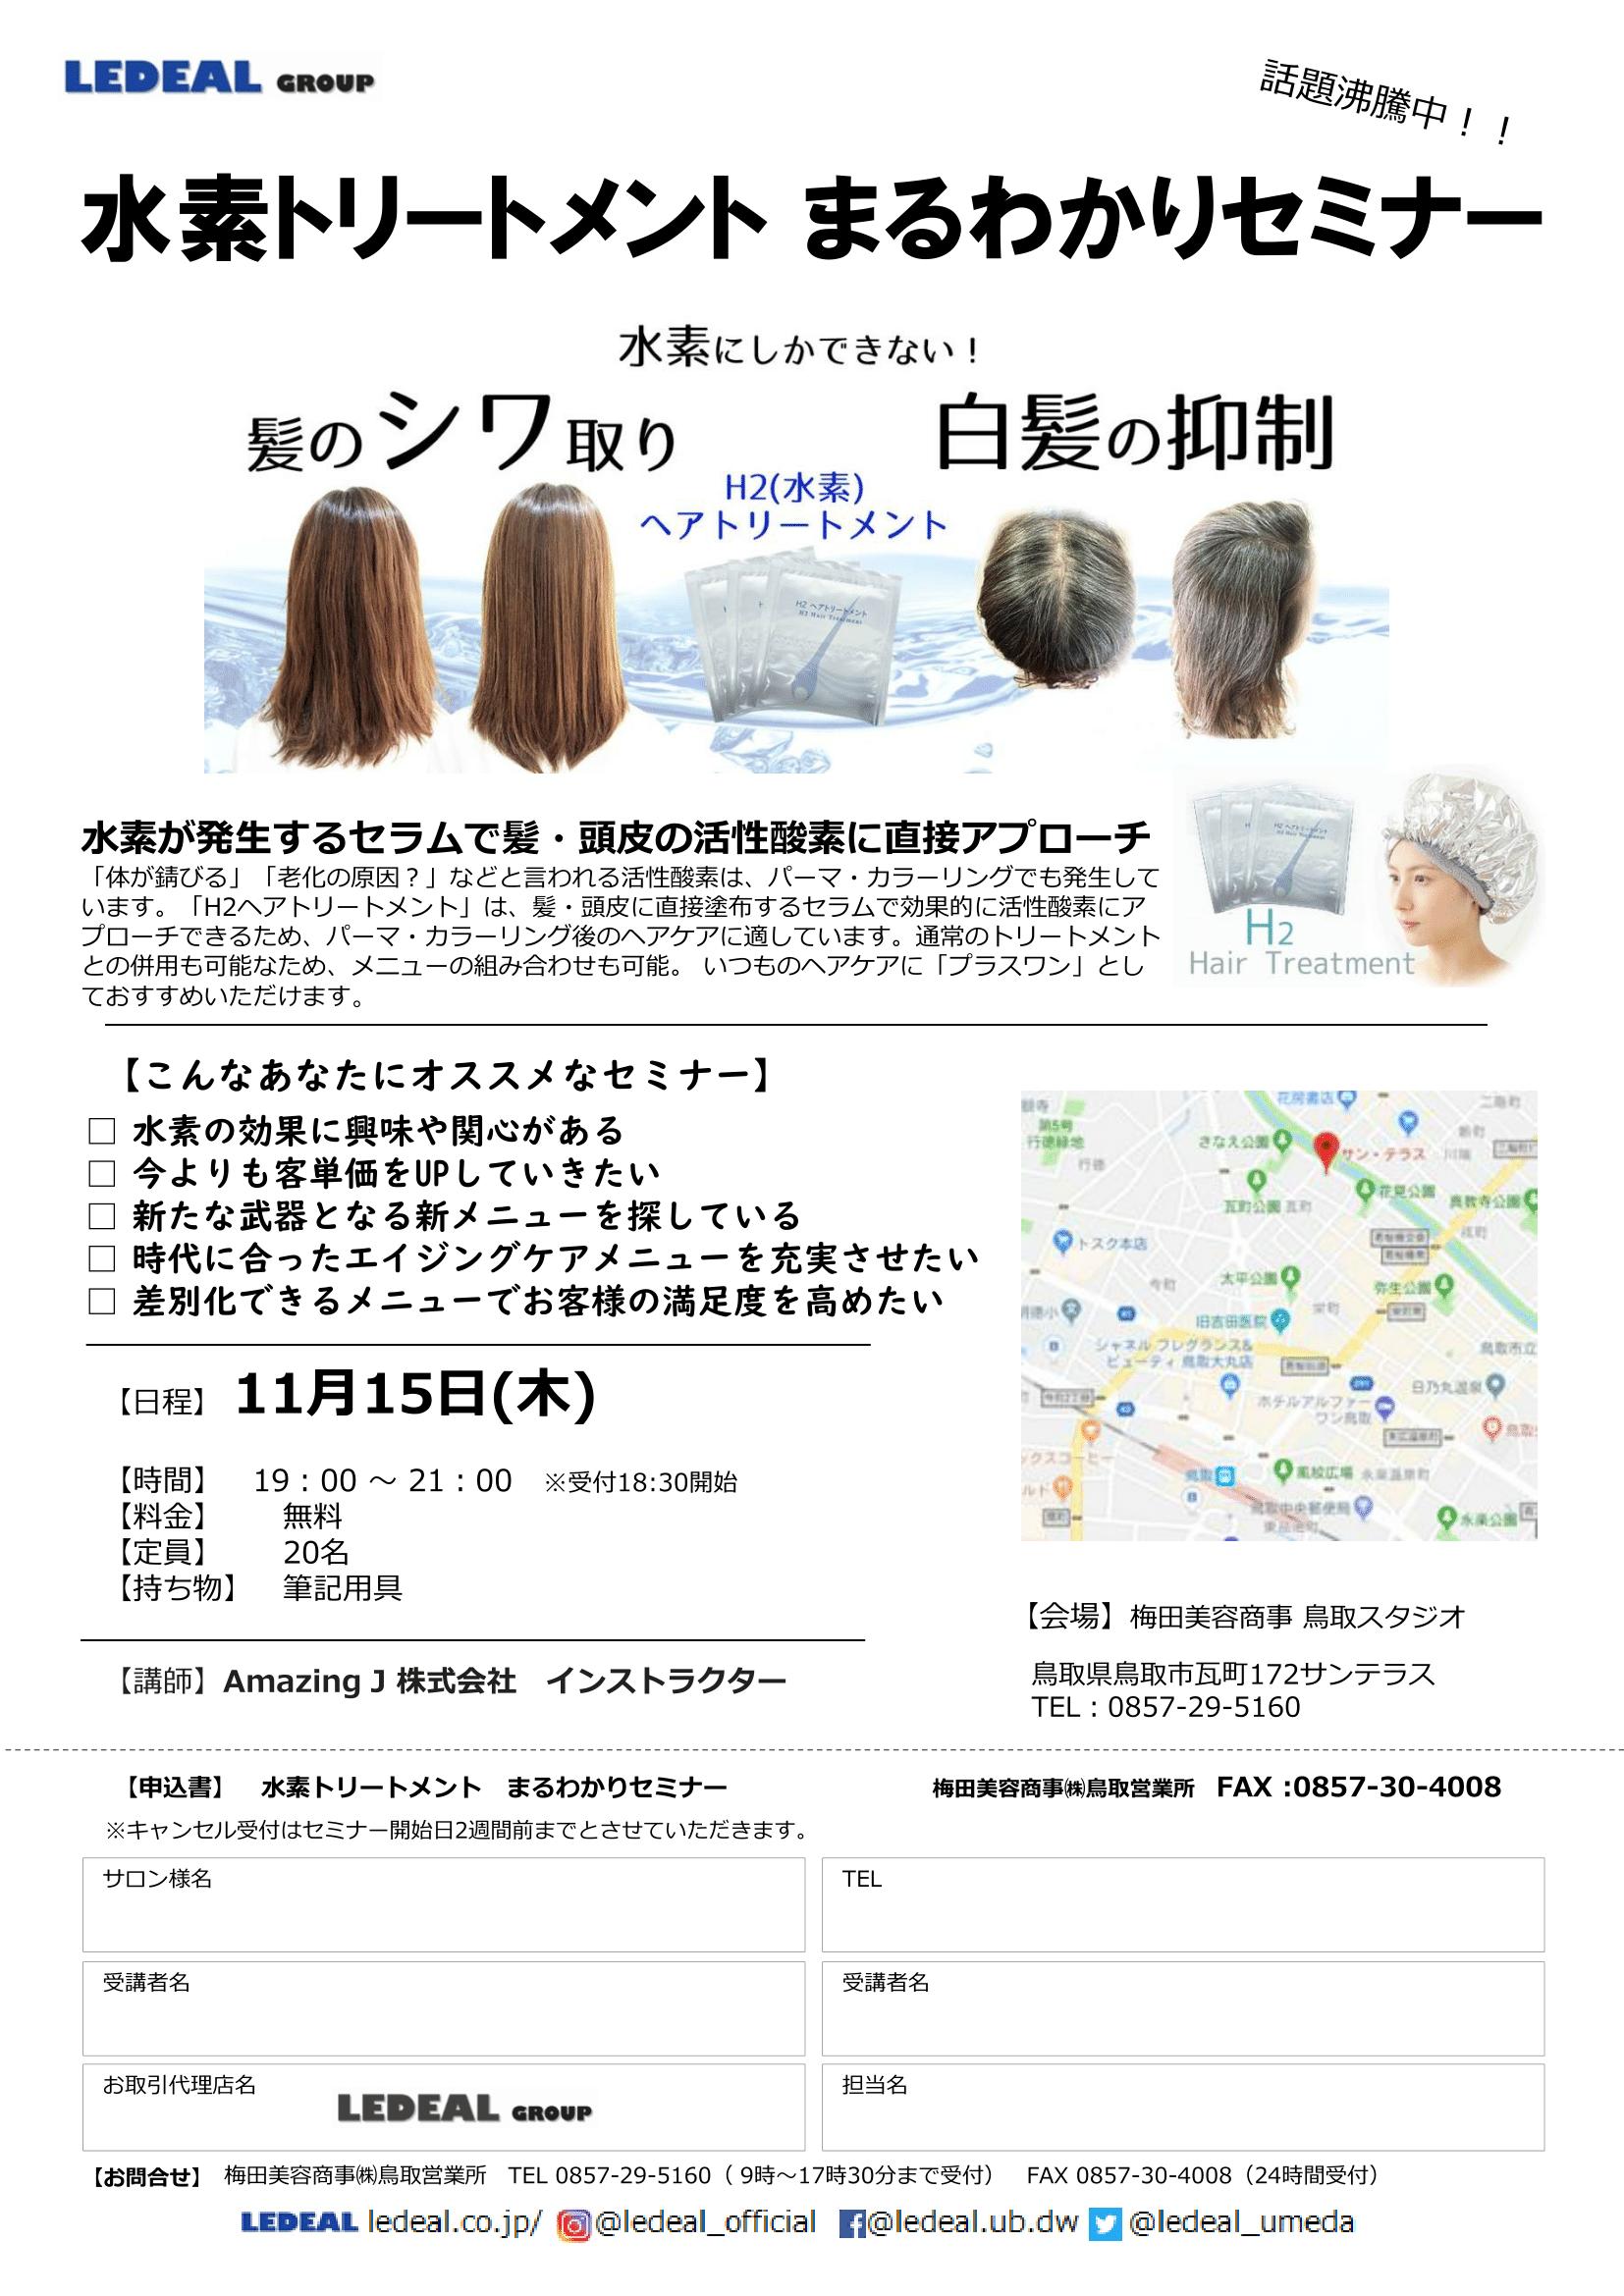 【鳥取】水素トリートメント まるわかりセミナー